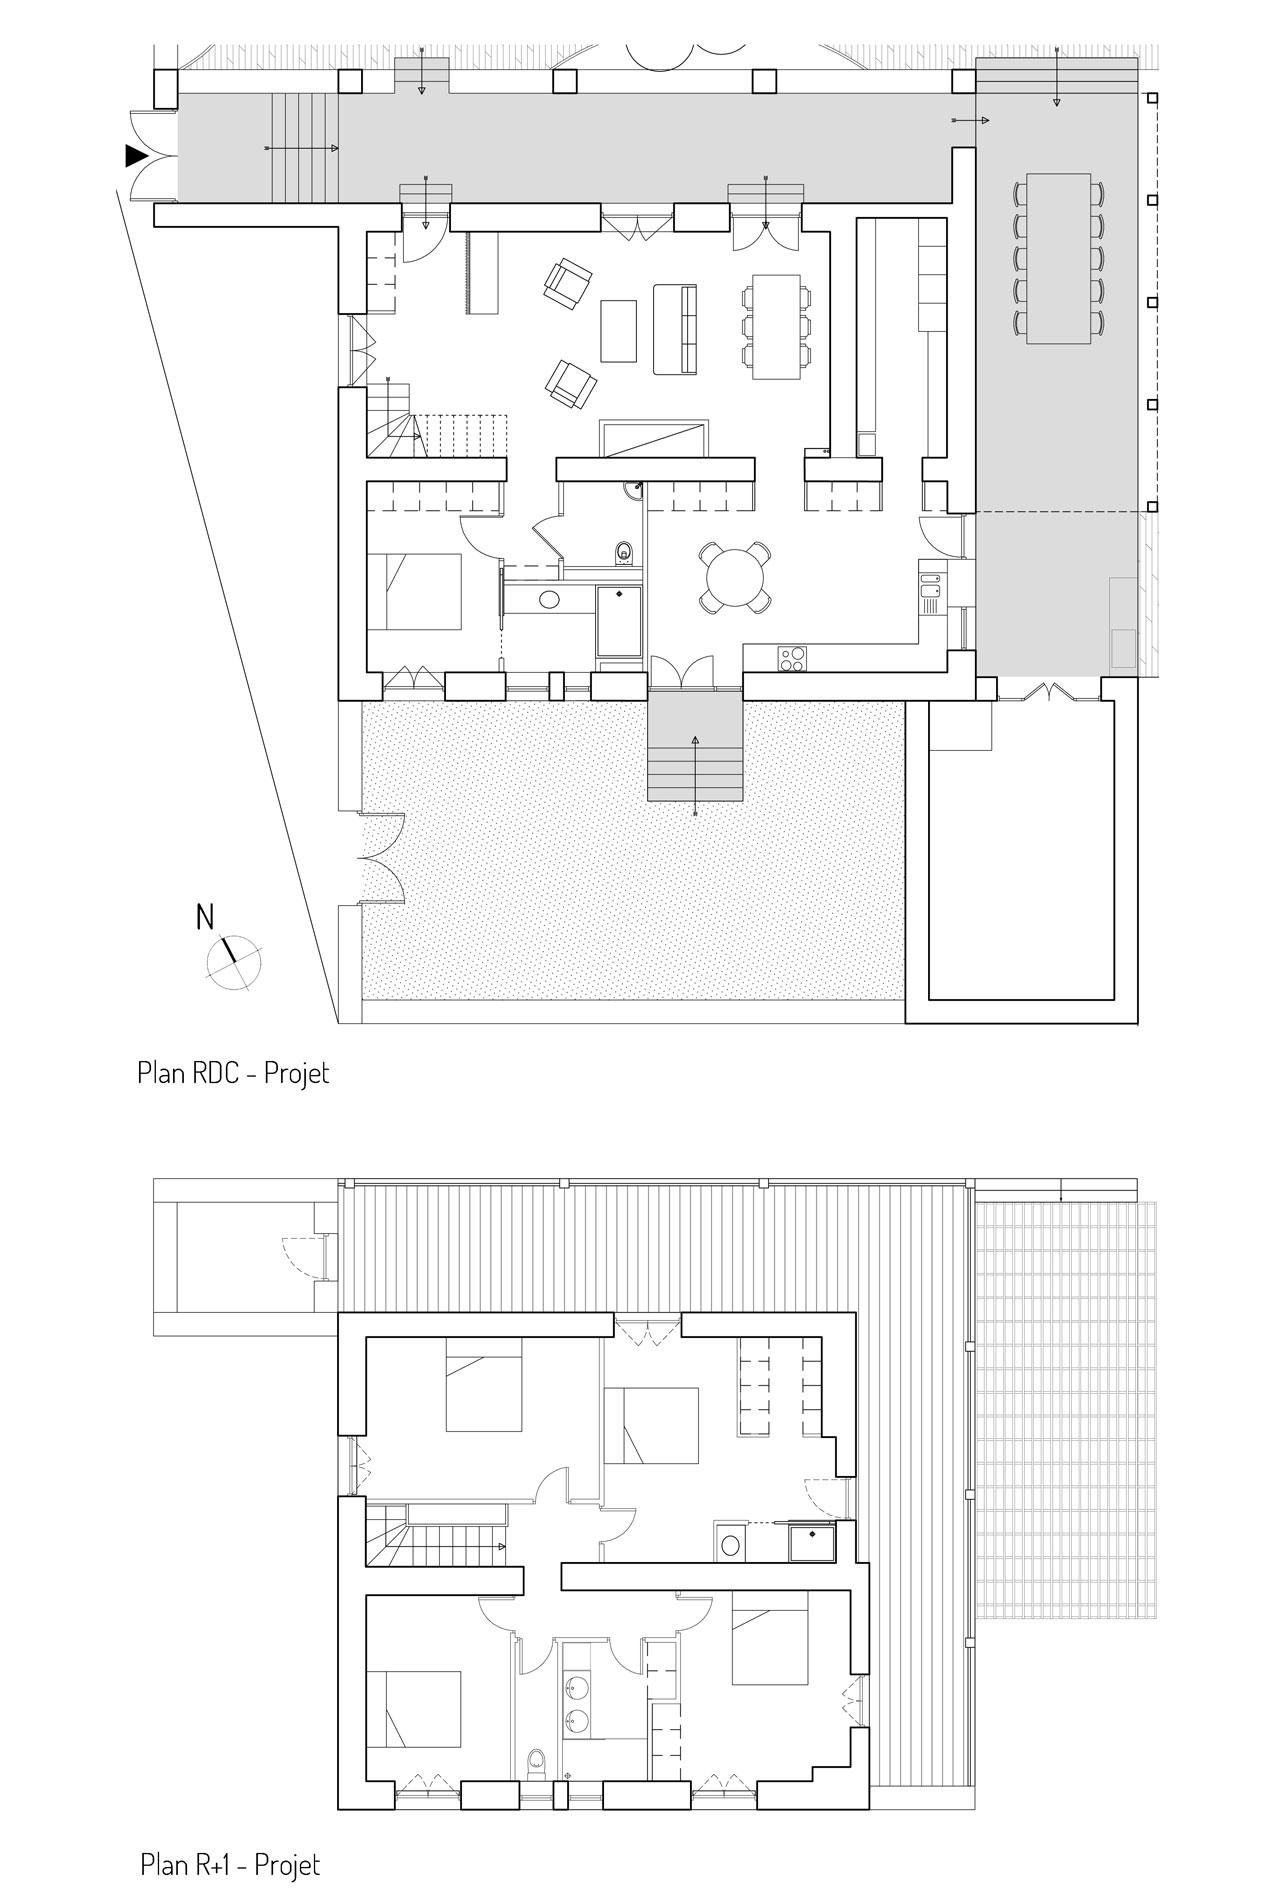 Au RDC, l'espace de vie sera restructuré et une suite parentale sera aménagée. A l'étage, les chambres existantes seront légèrement modifiées afin d'intégrer des salles d'eau et plus de rangements.